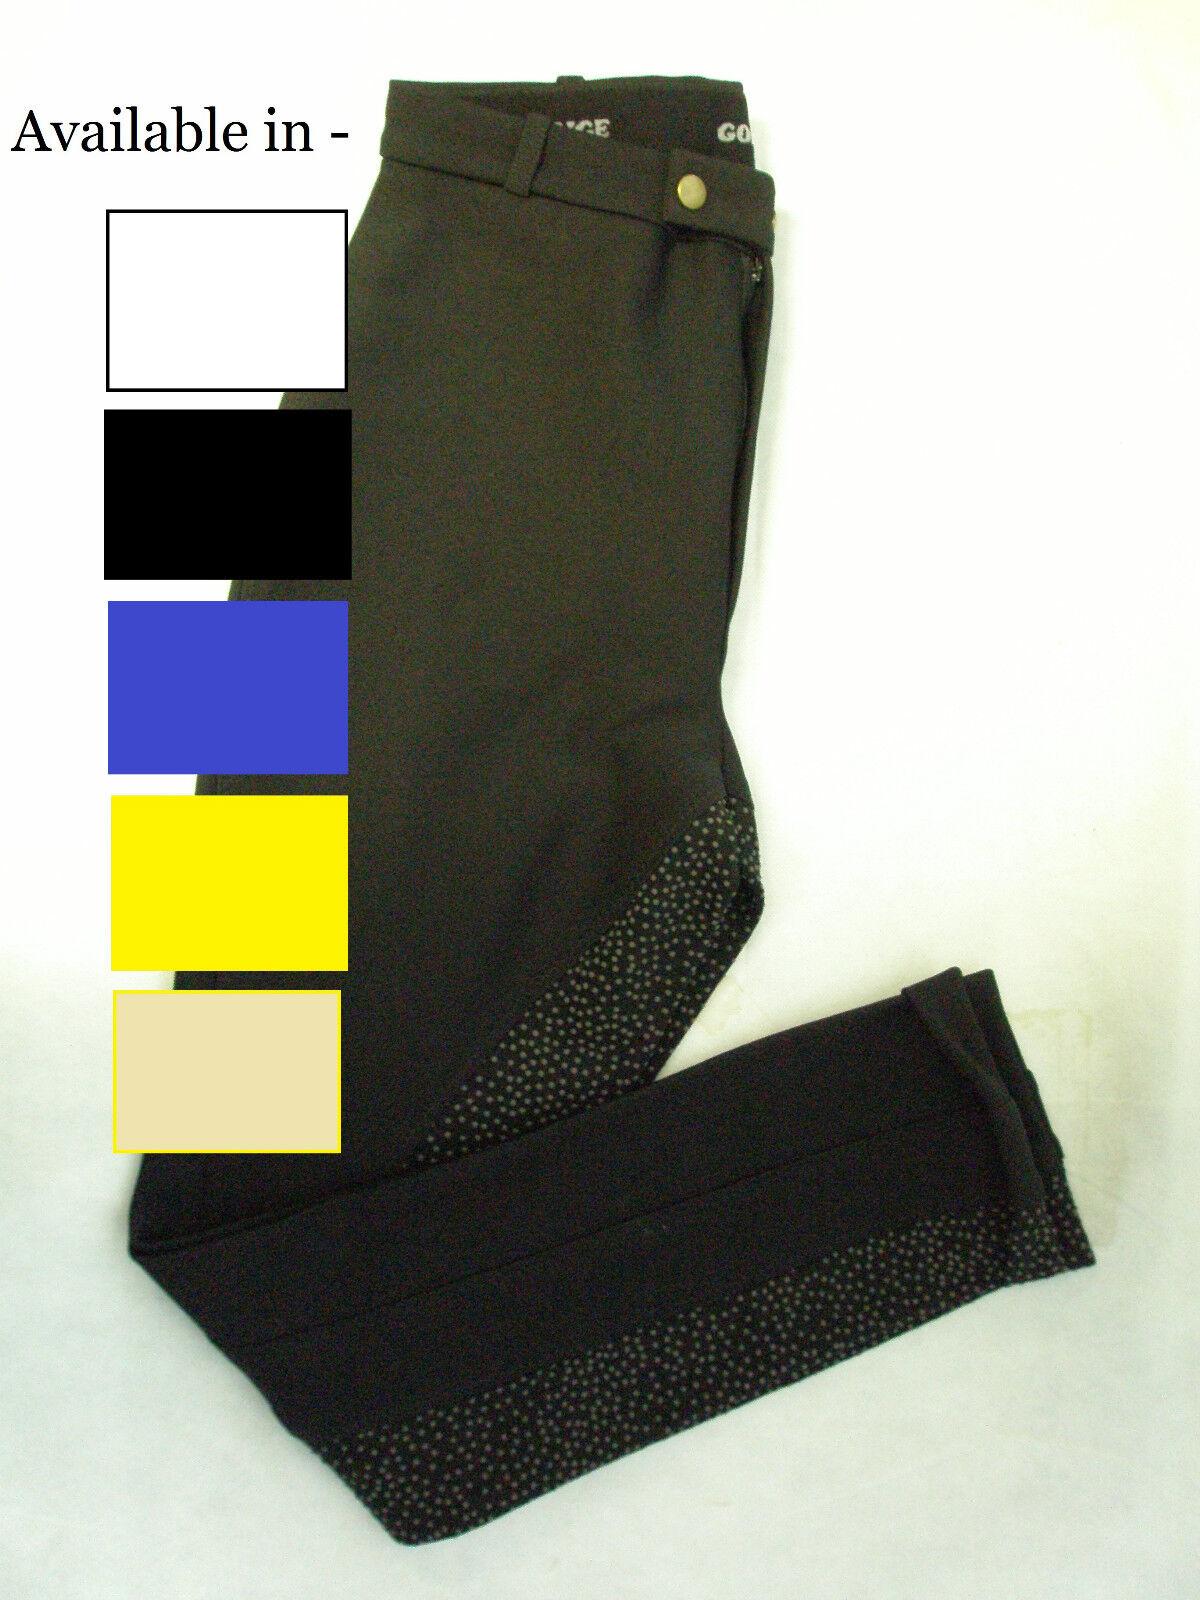 Para Mujer Pro-Asiento Gorringe Pantalones-Varios Colors y tamaños-Señoras Jodhpur Jodhpur Jodhpur ac0c6e